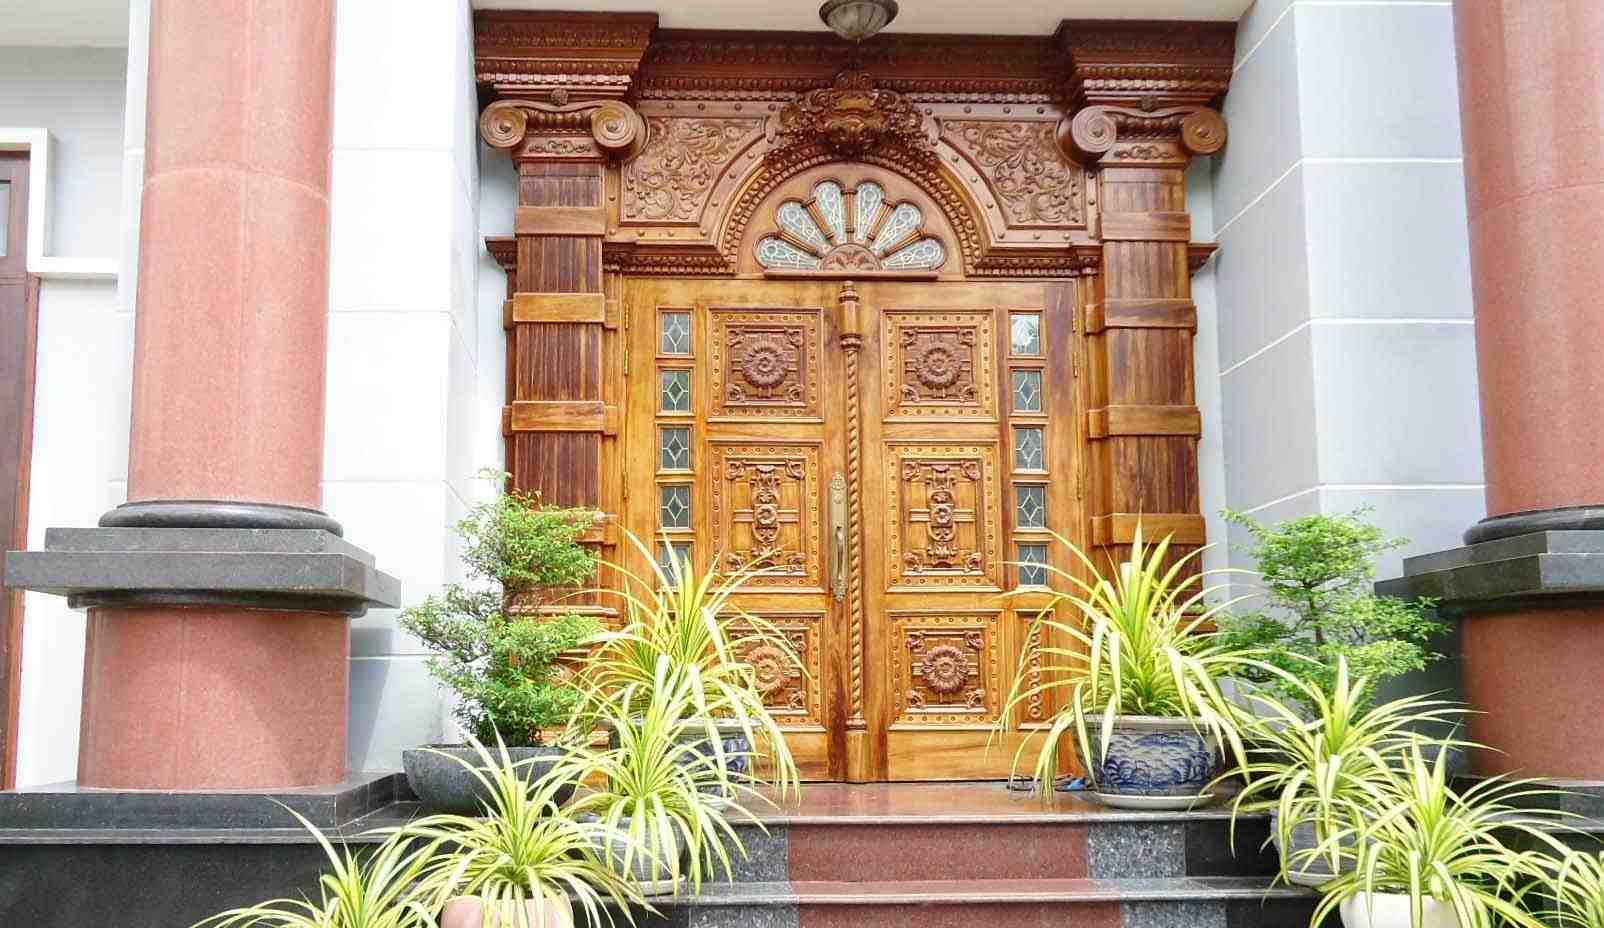 Gỗ là vật liệu làm cửa chính từ xa xưa với nhiều ưu điểm nổi bật